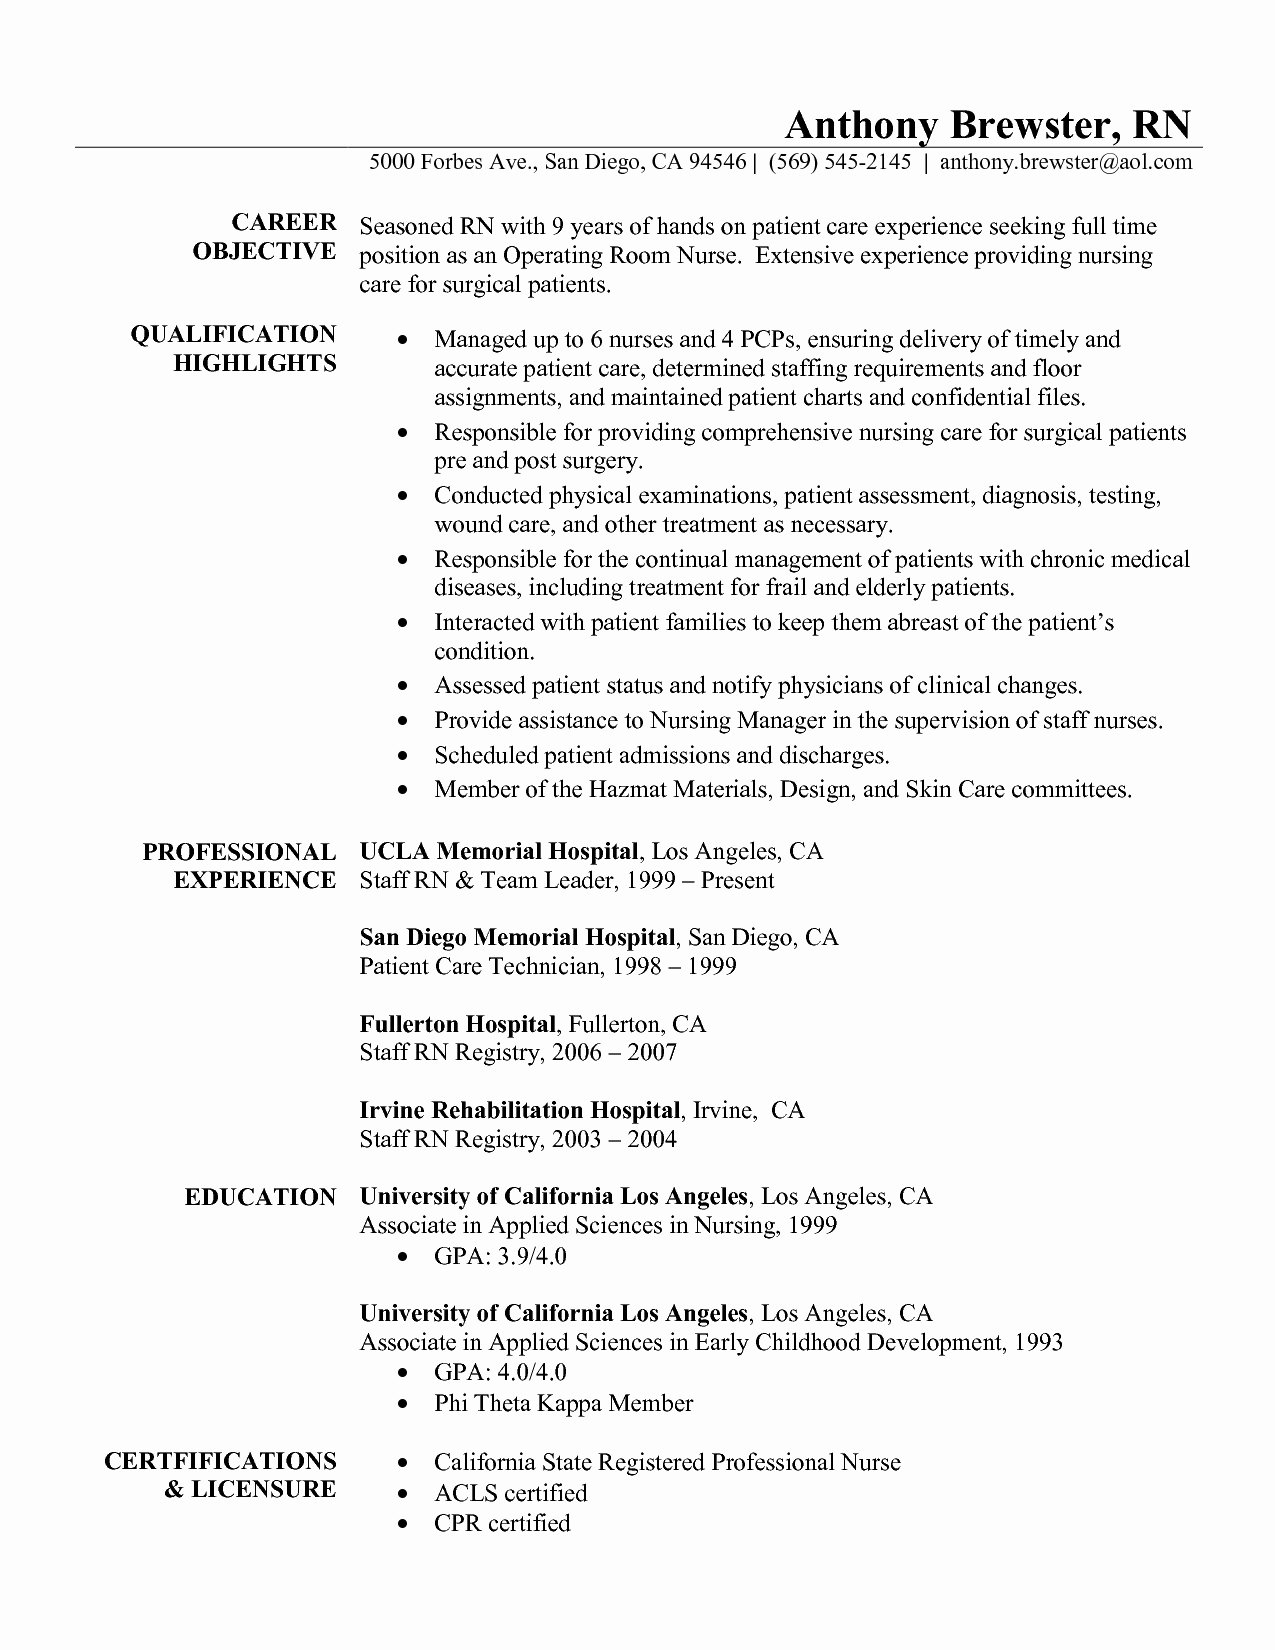 Nursing Resume Template 2017